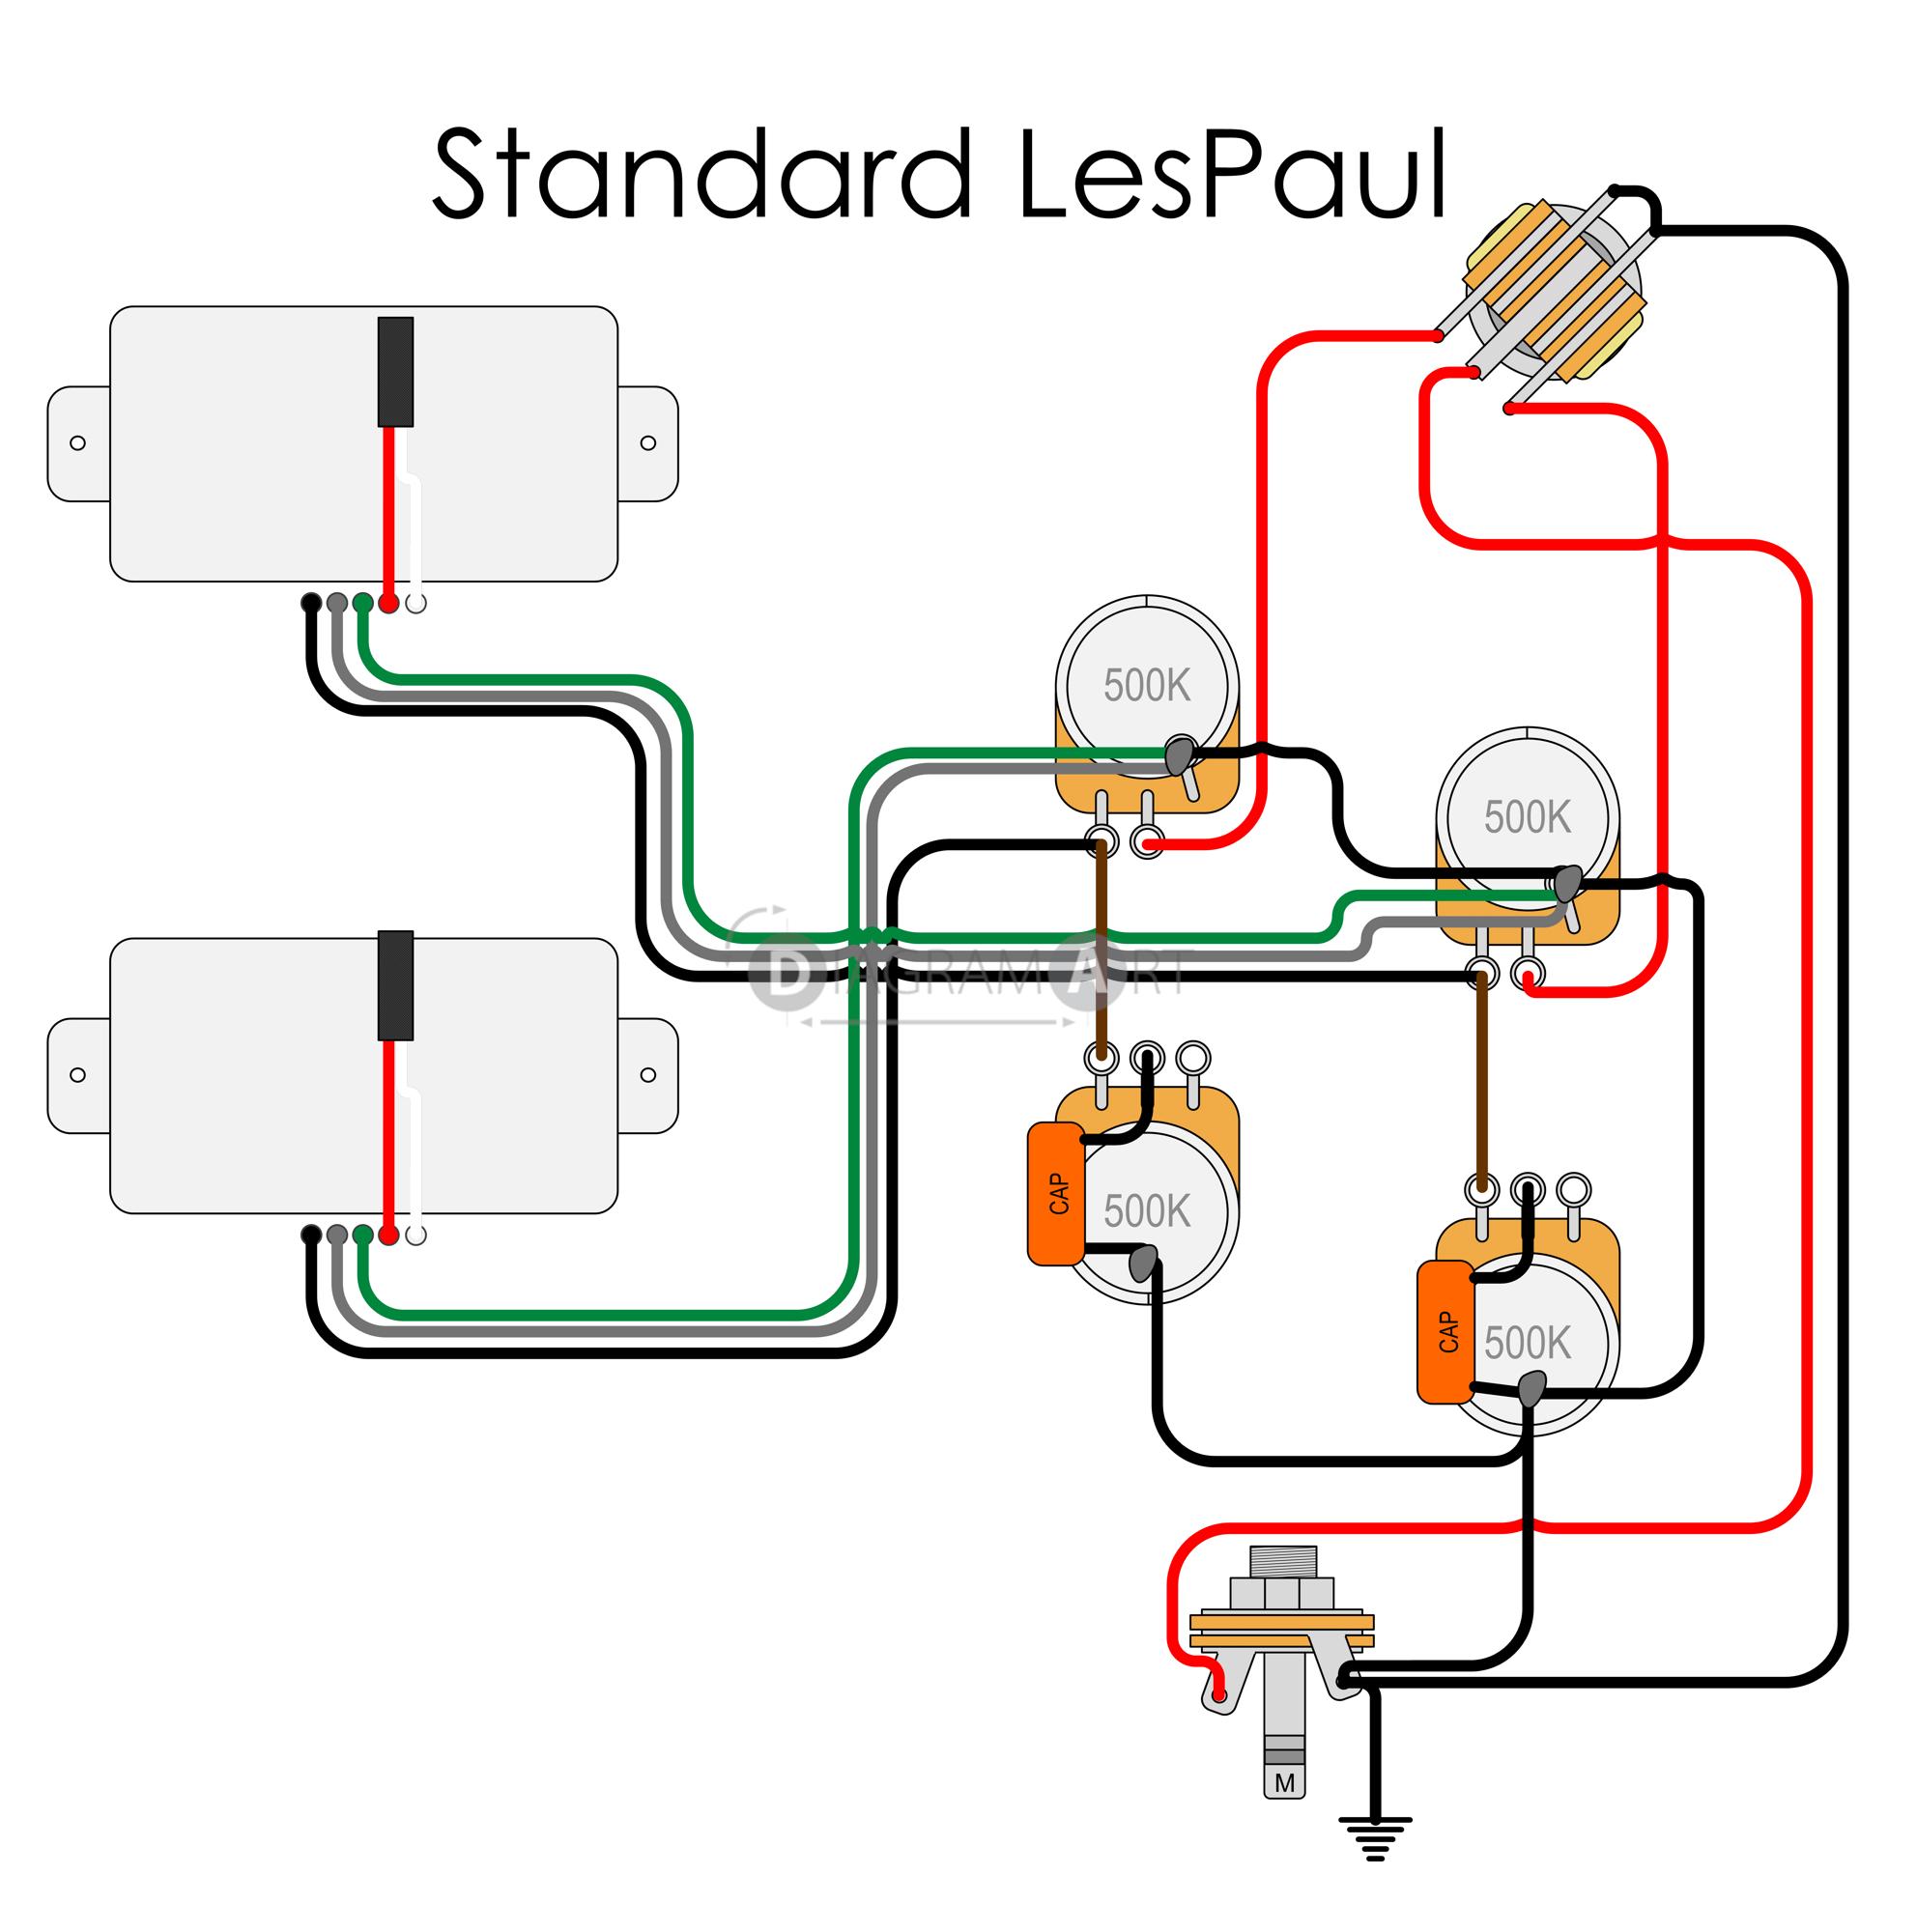 2012 Gibson Les Paul Standard Wiring Diagram Kohler 17 Hp Wiring Diagram Free Download Hinoengine Yenpancane Jeanjaures37 Fr